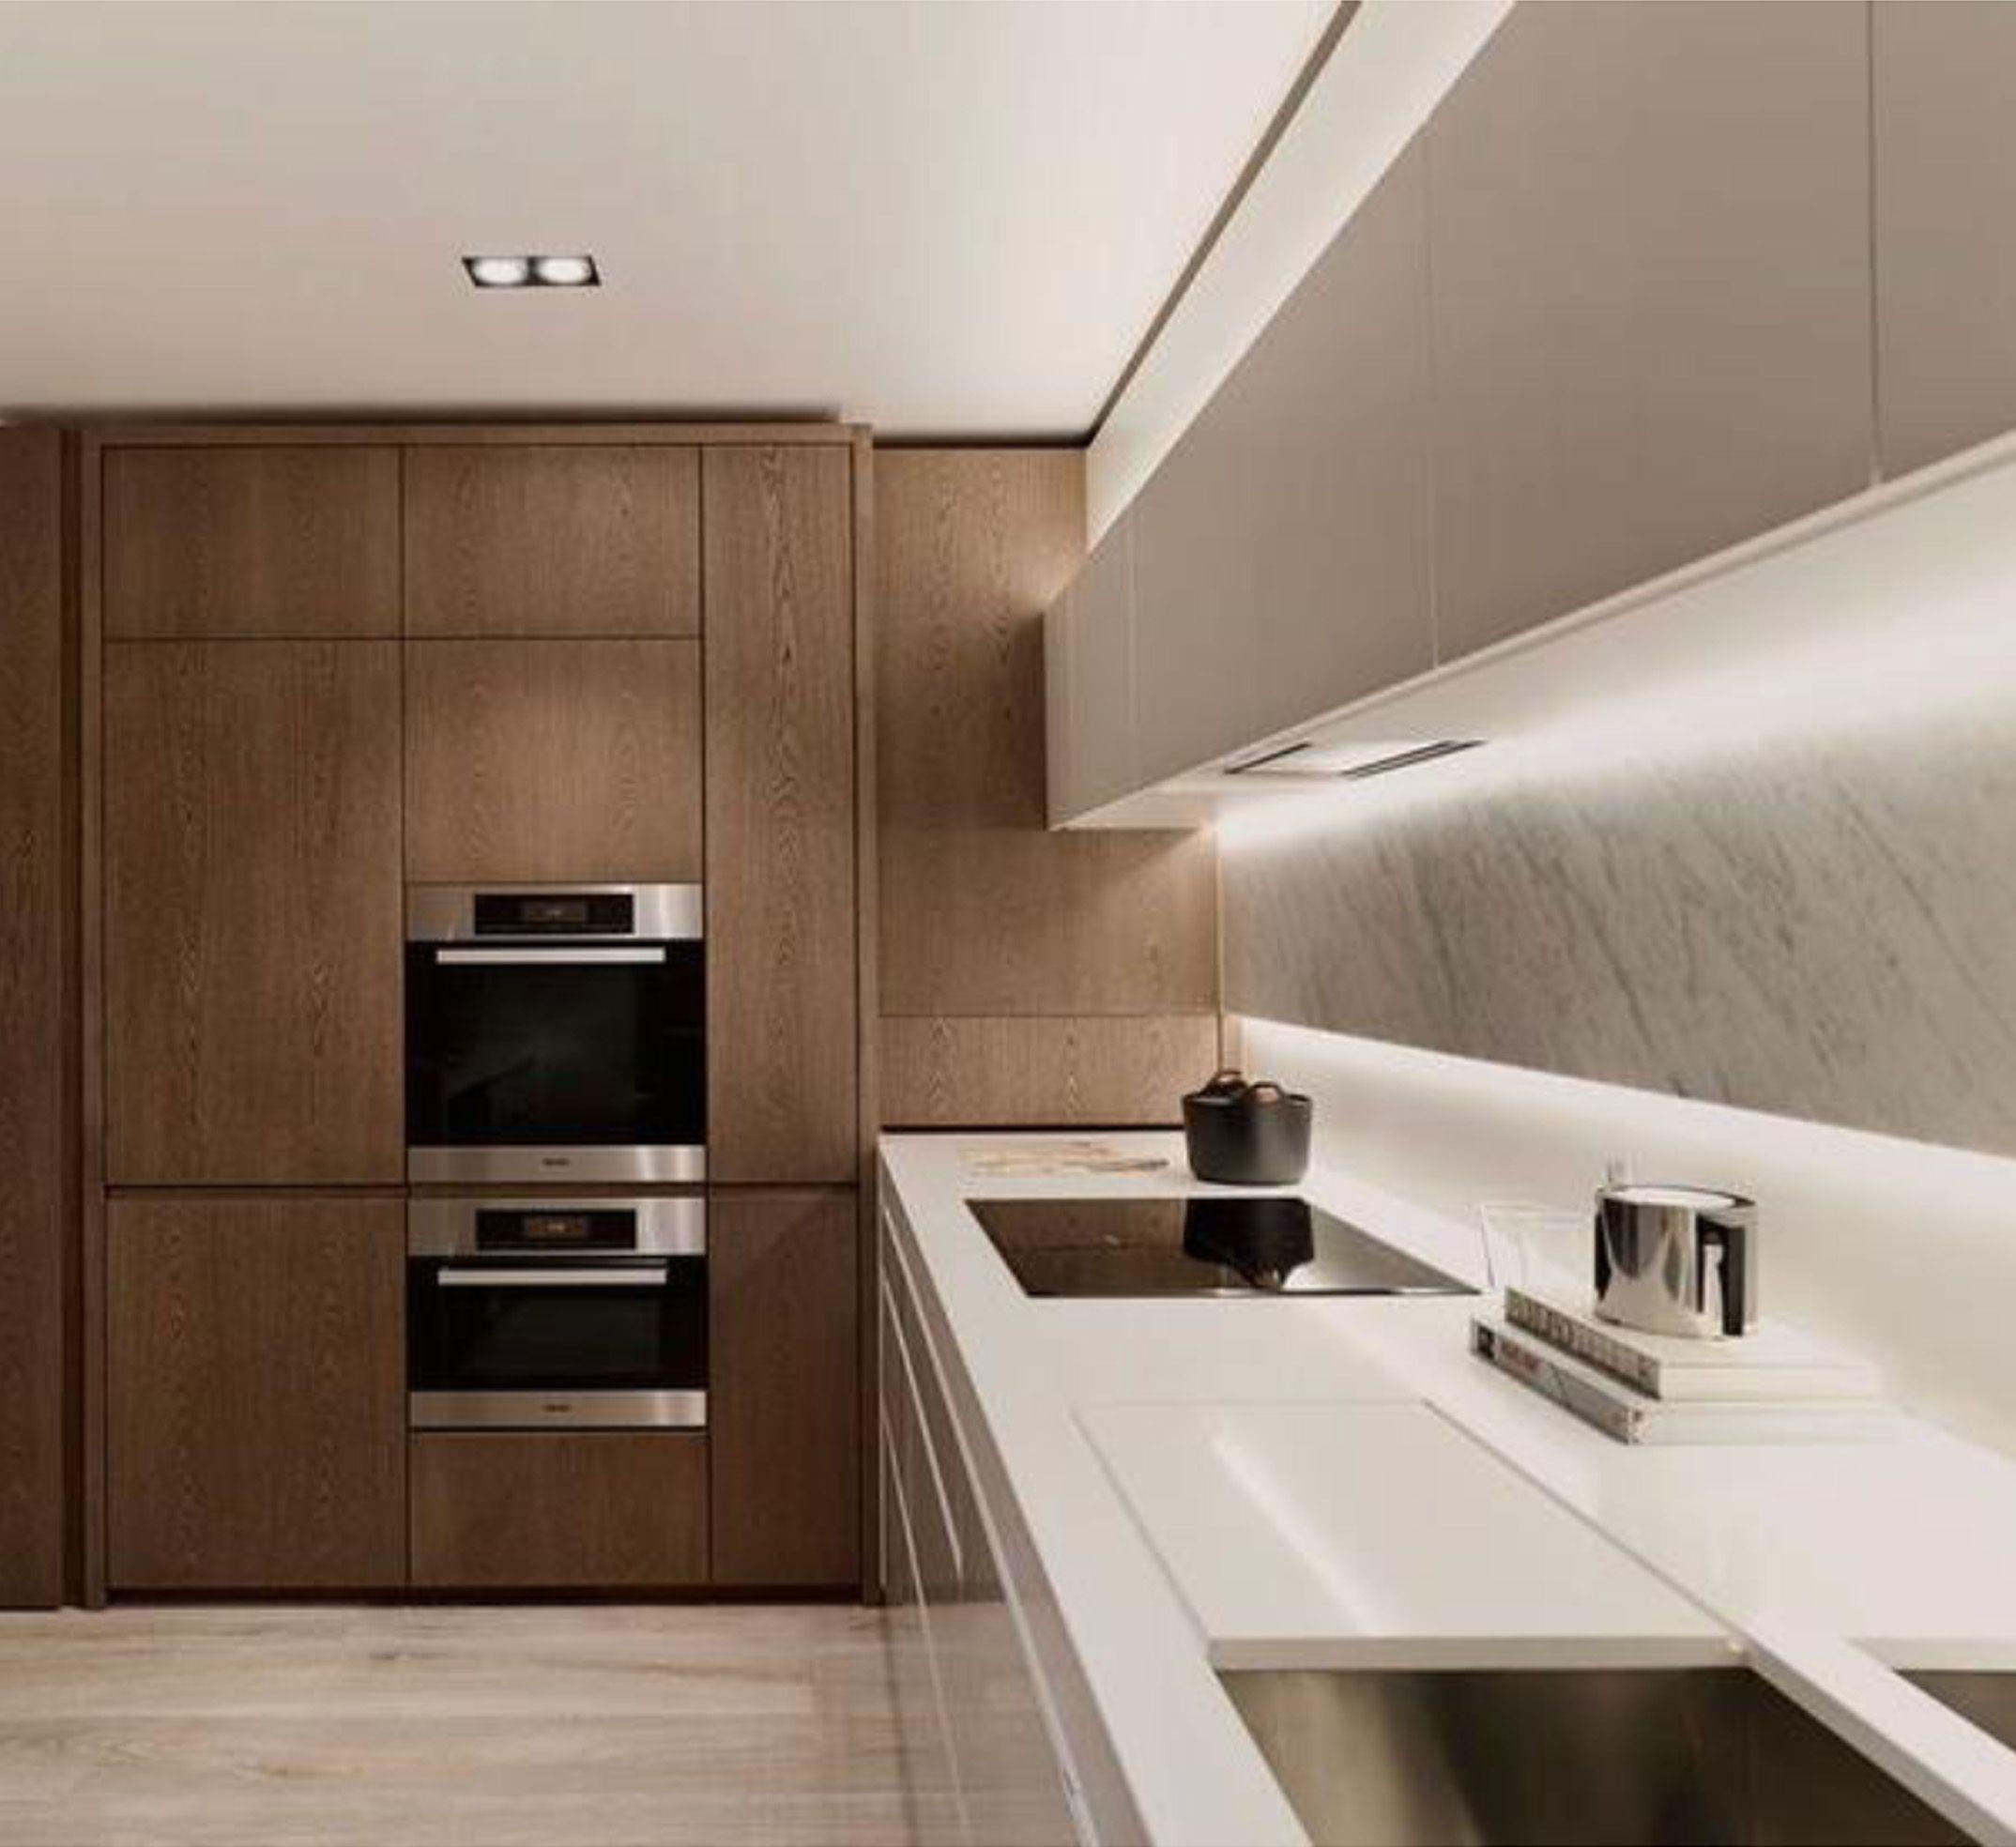 Pin von L J auf 厨房 & Kitchen | Pinterest | Küche, Umbau und Kuchen